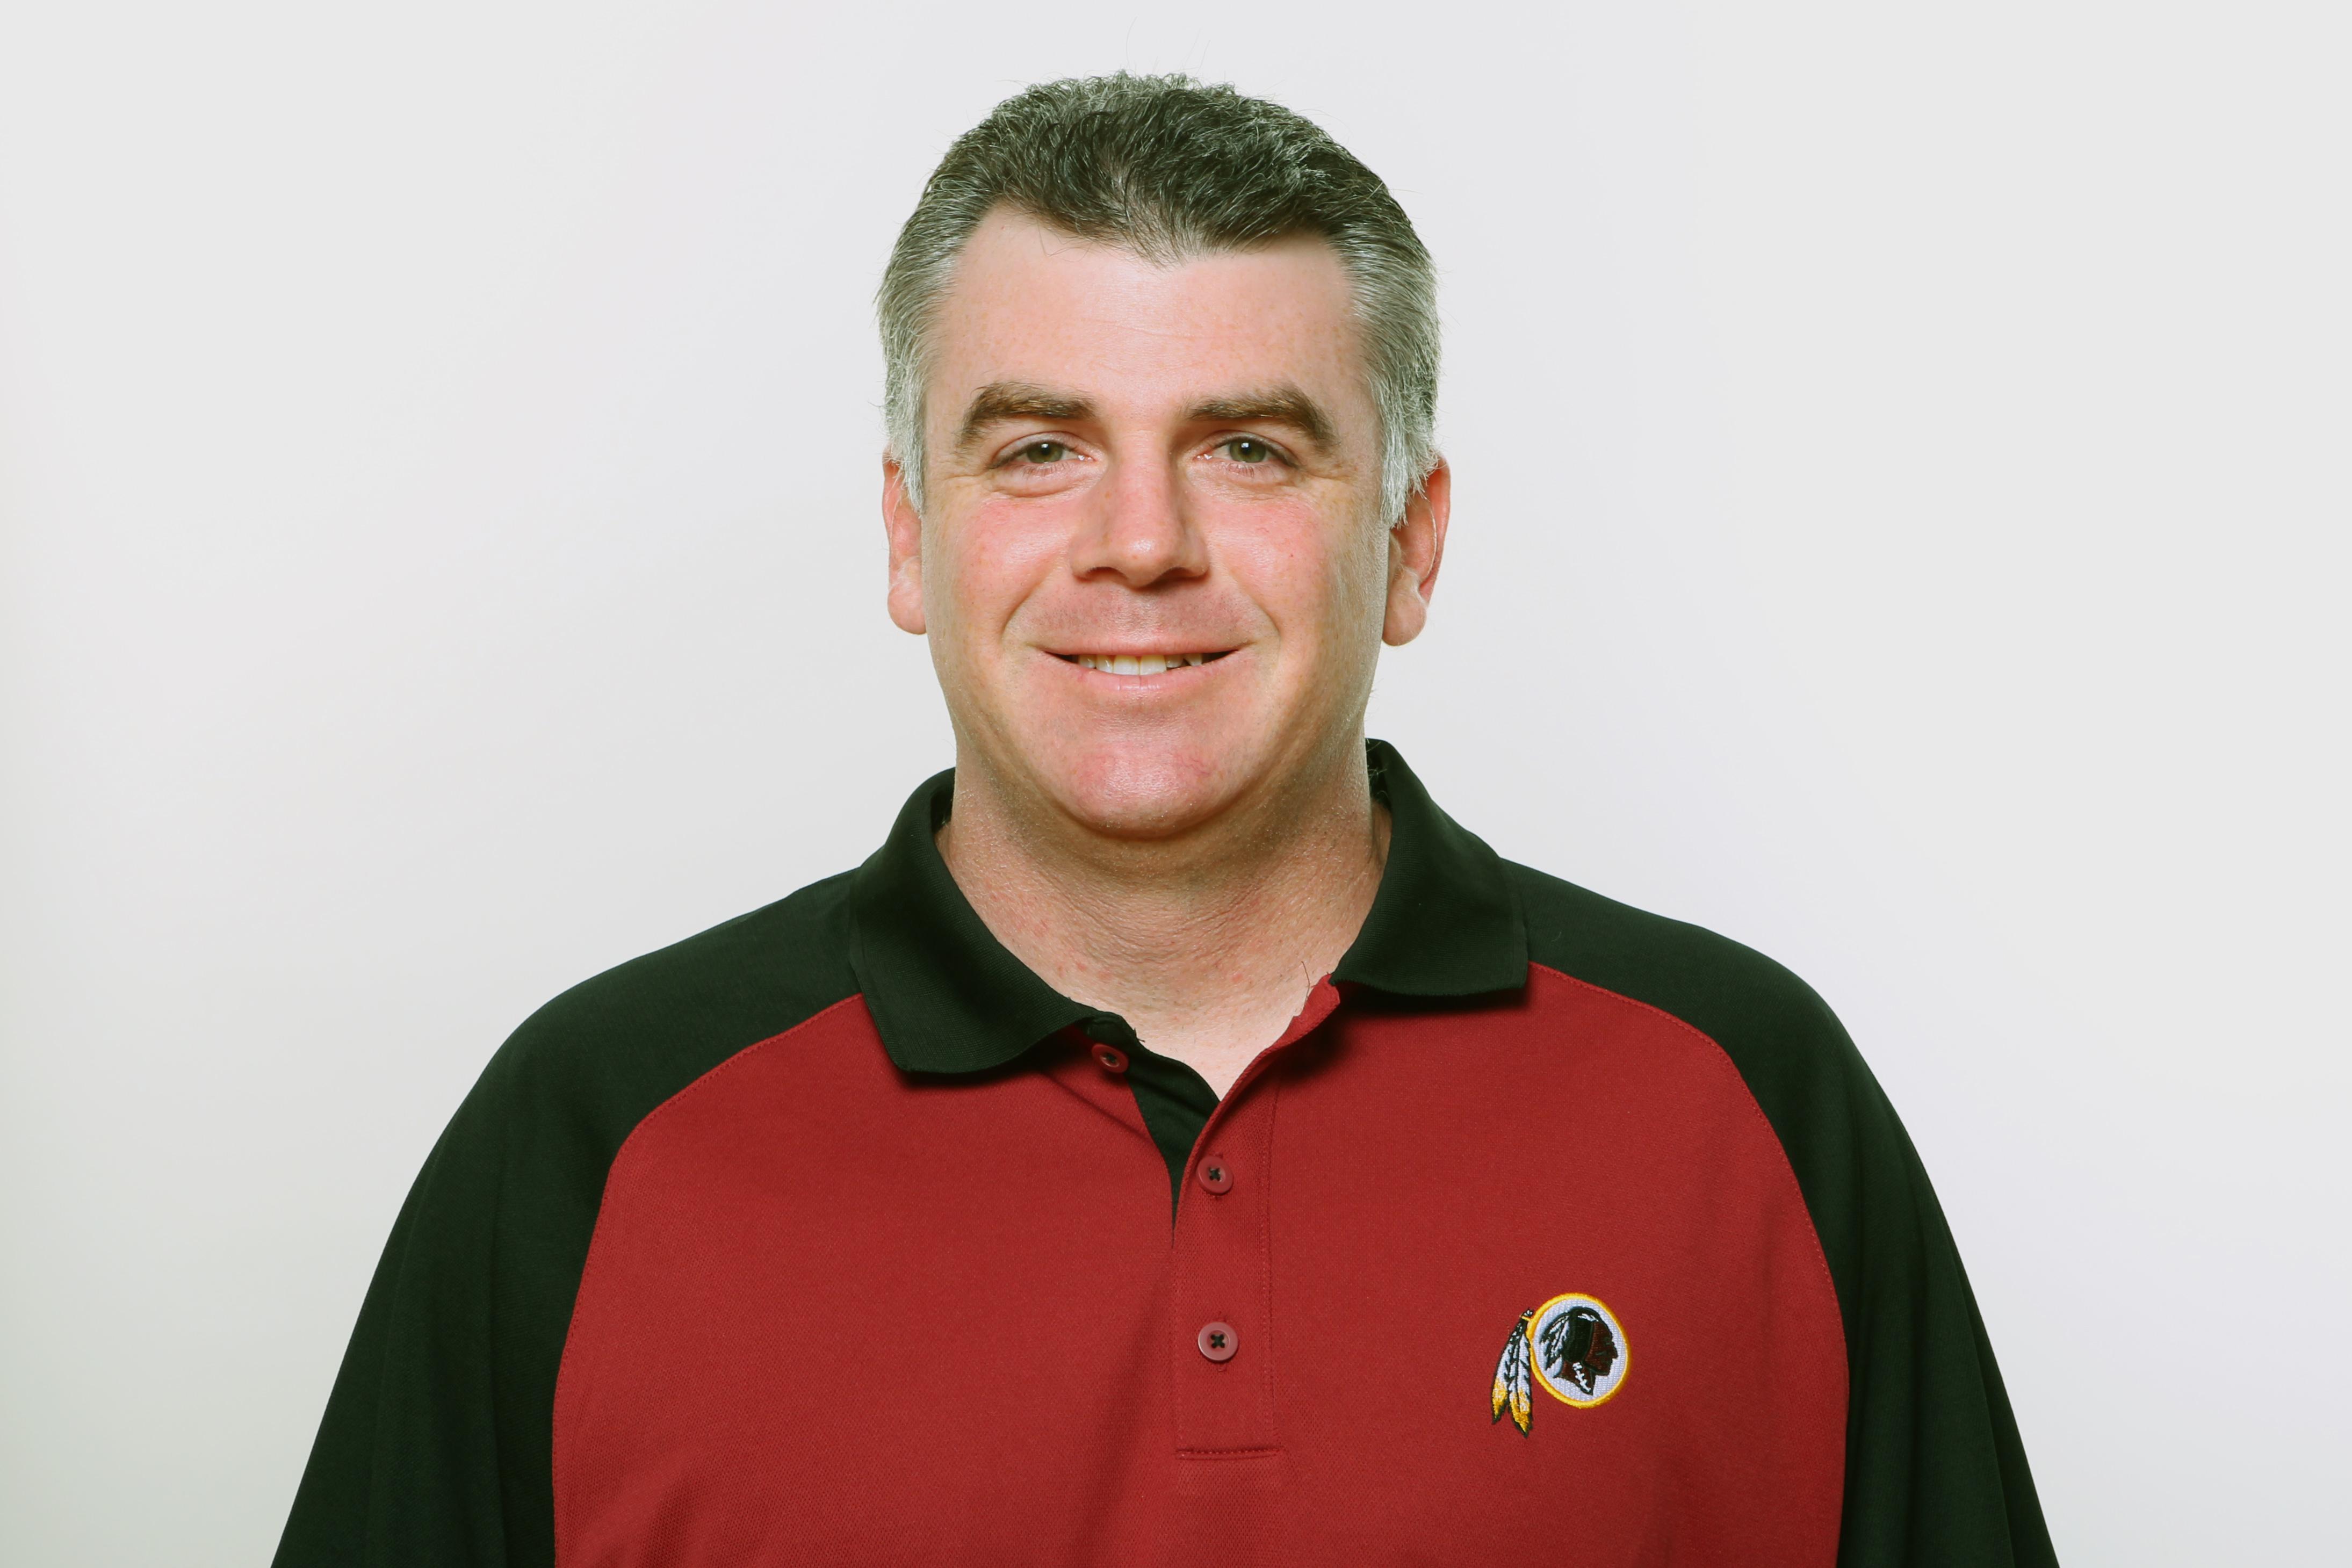 Washington Redskins 2010 Headshots